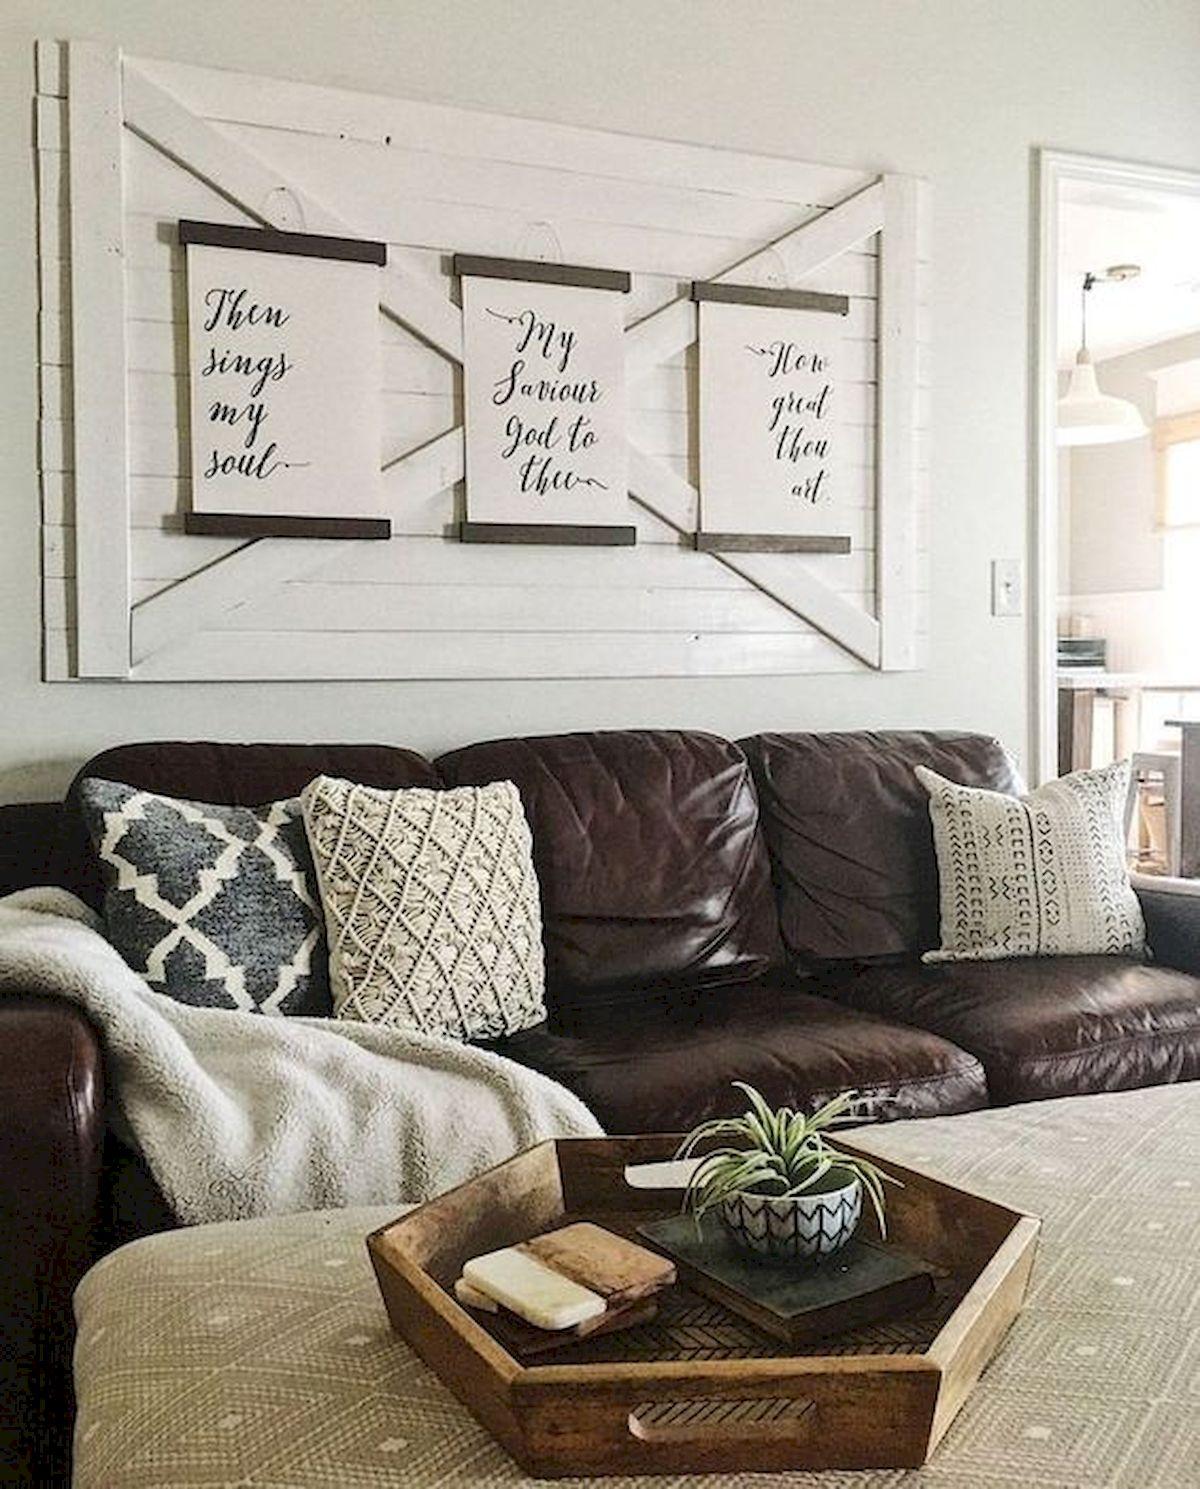 50 Cozy Farmhouse Living Room Design and Decor Ideas (42)